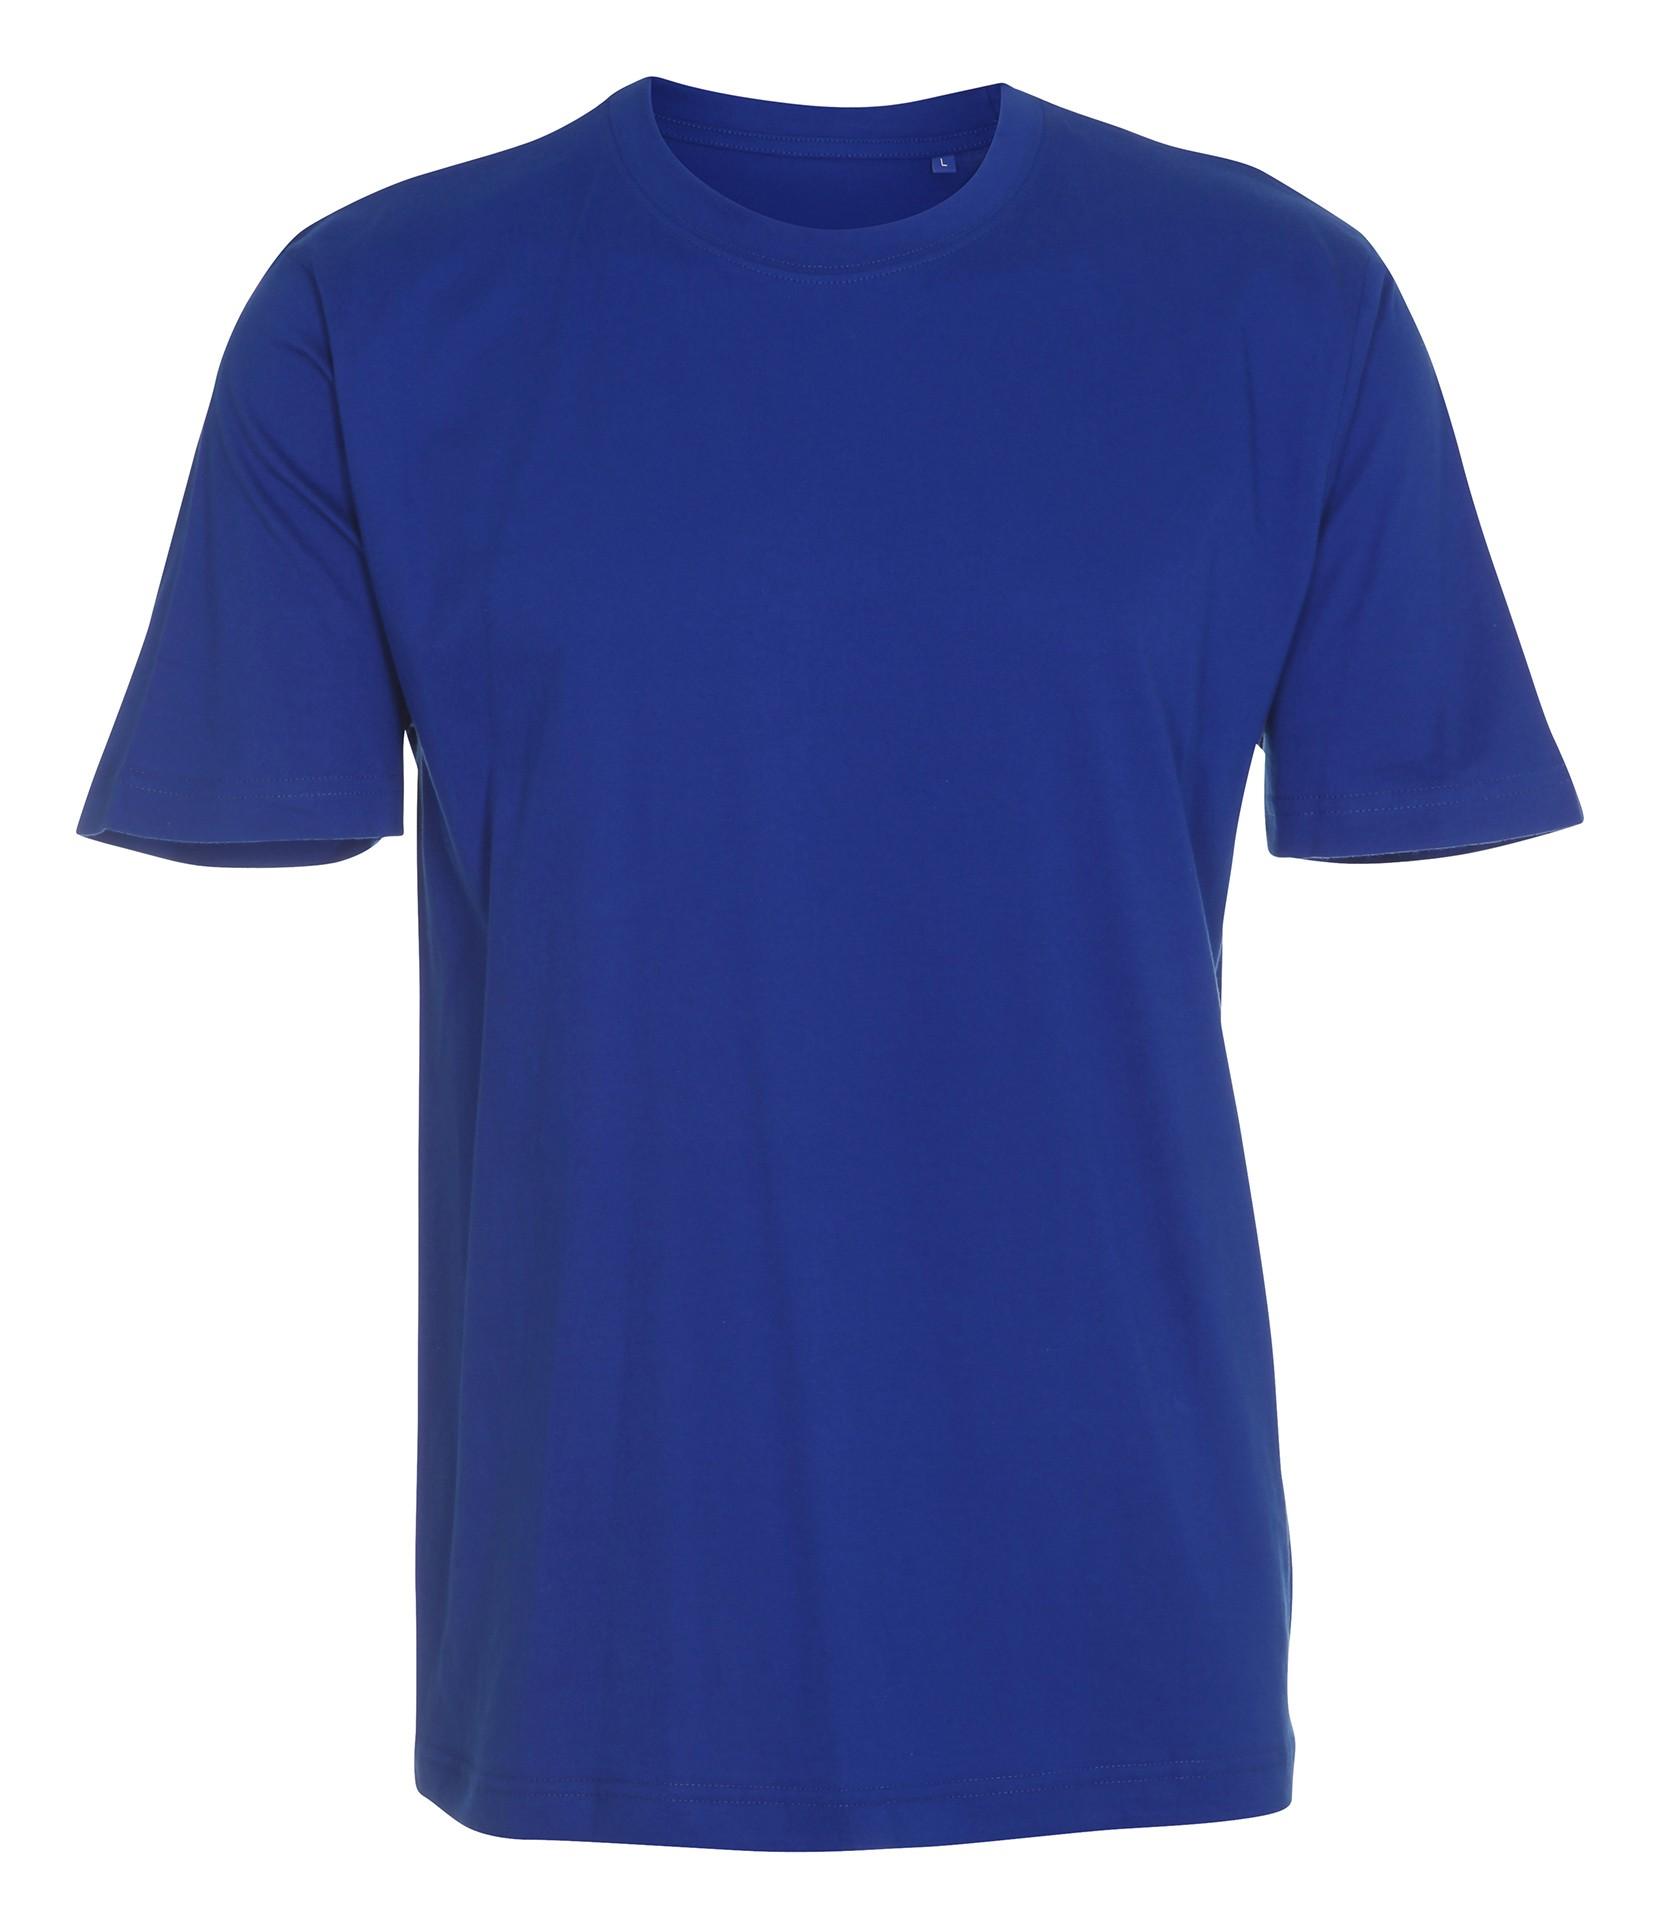 brand new ef0b4 f9843 Firmatøj ungebraucht ohne Druck: 40 Stck. T-Shirt ...